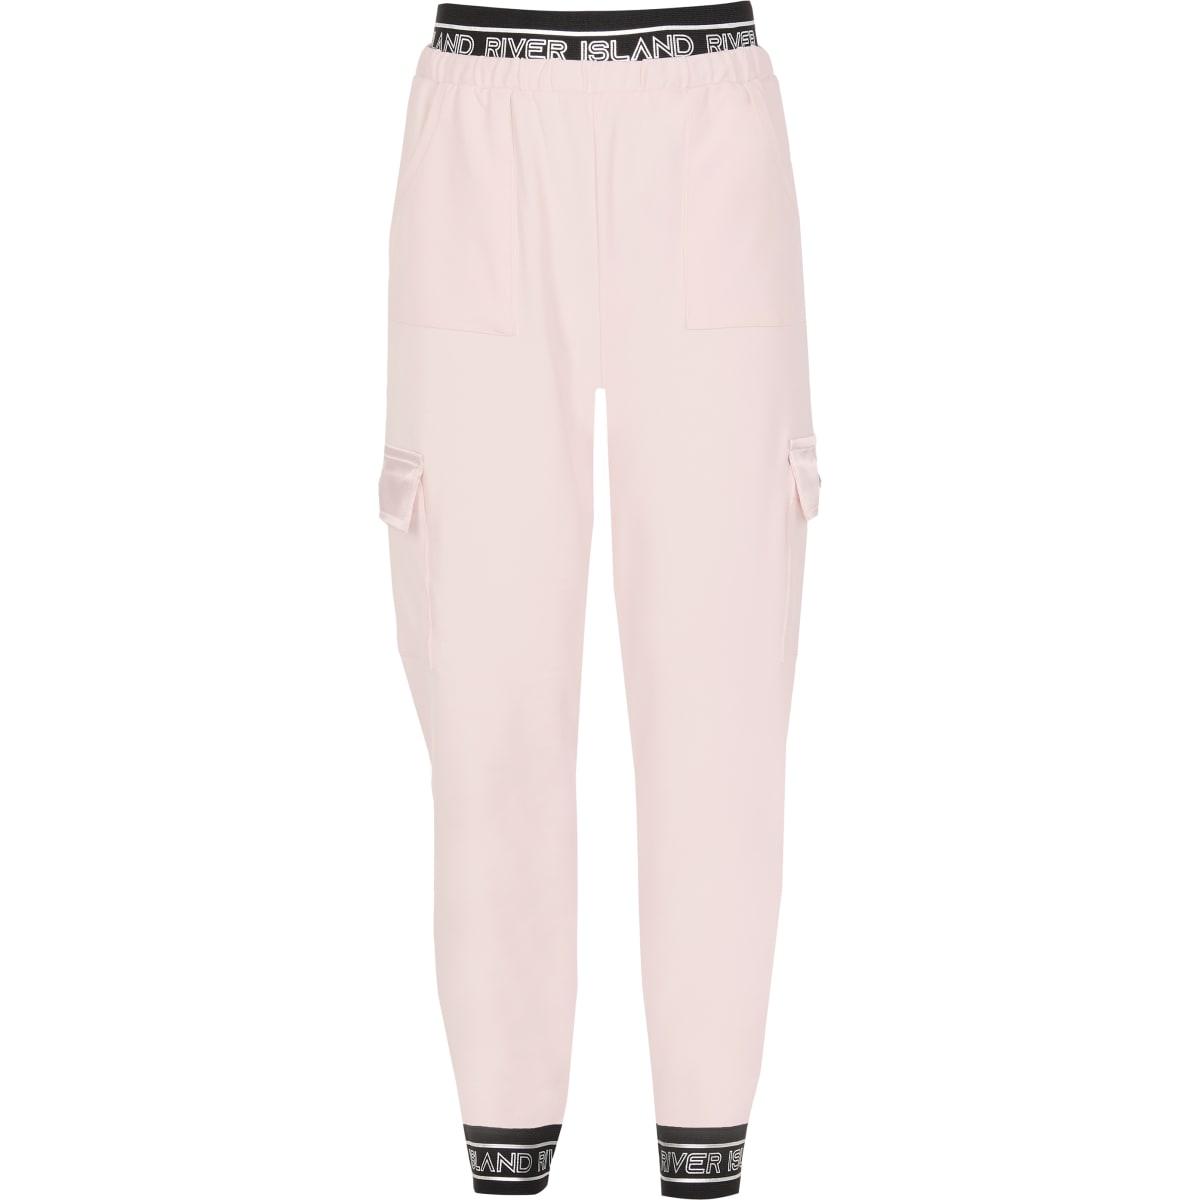 RI Active– Pantalons de jogging utilitaires rose clair pour fille